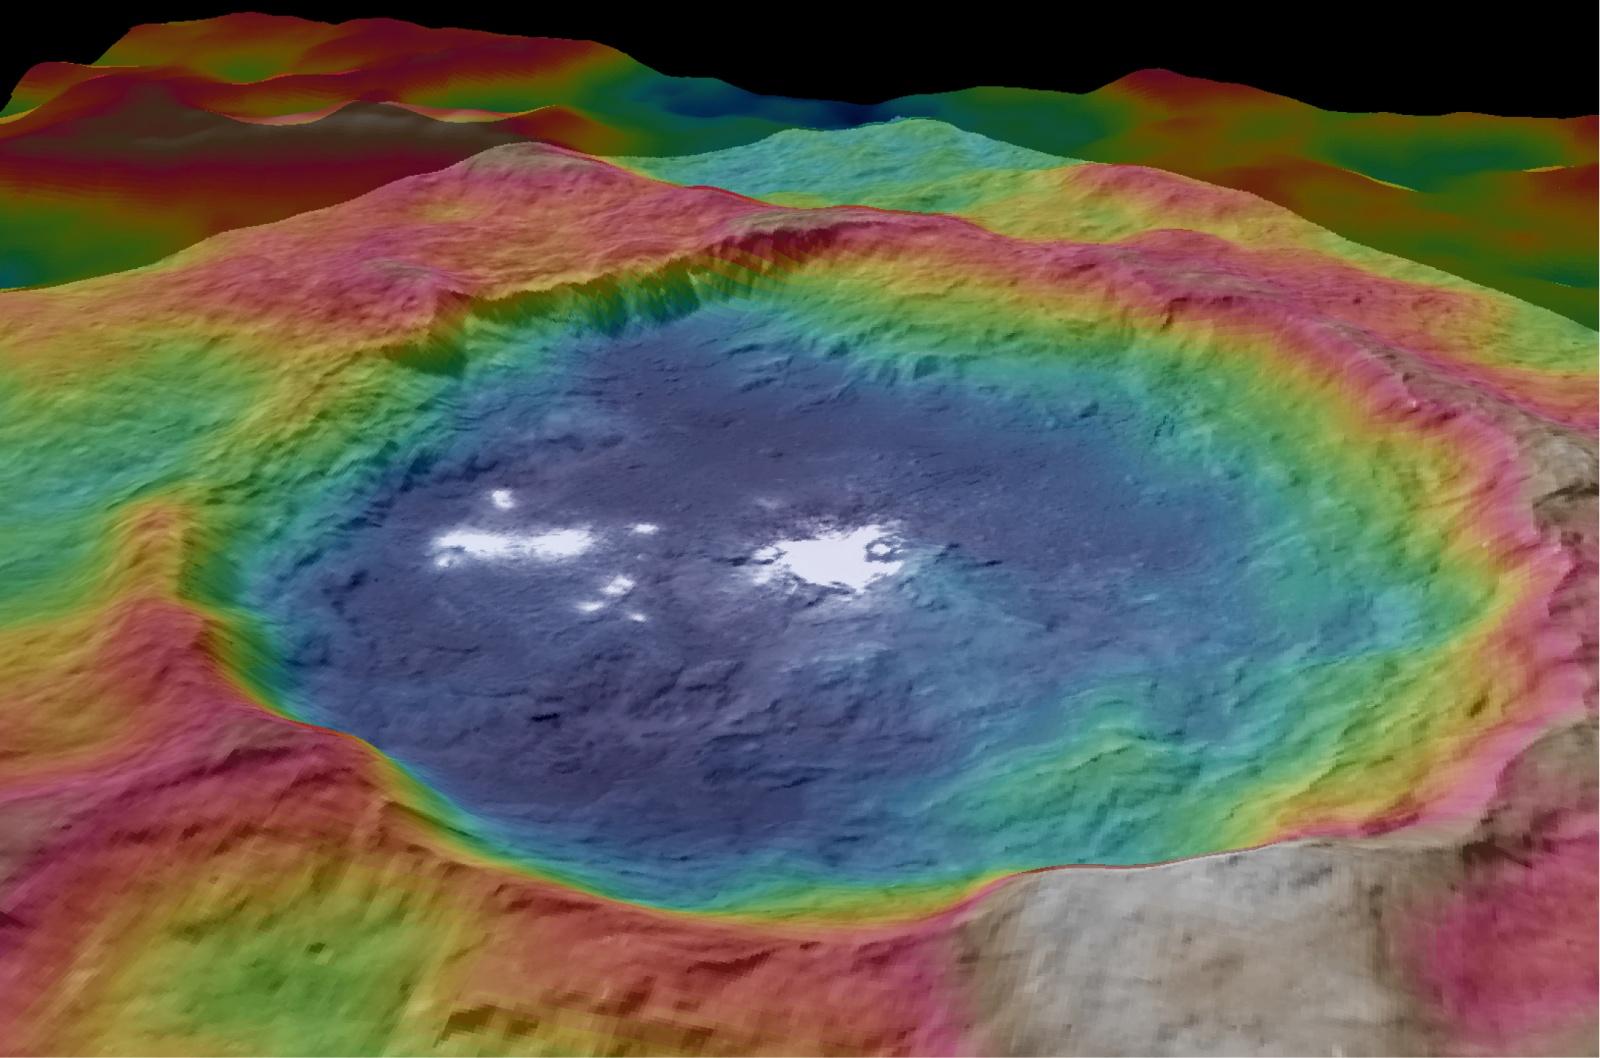 Церера продолжает удивлять ученых: неправильная геометрия кратеров и электромагнитные вспышки - 3